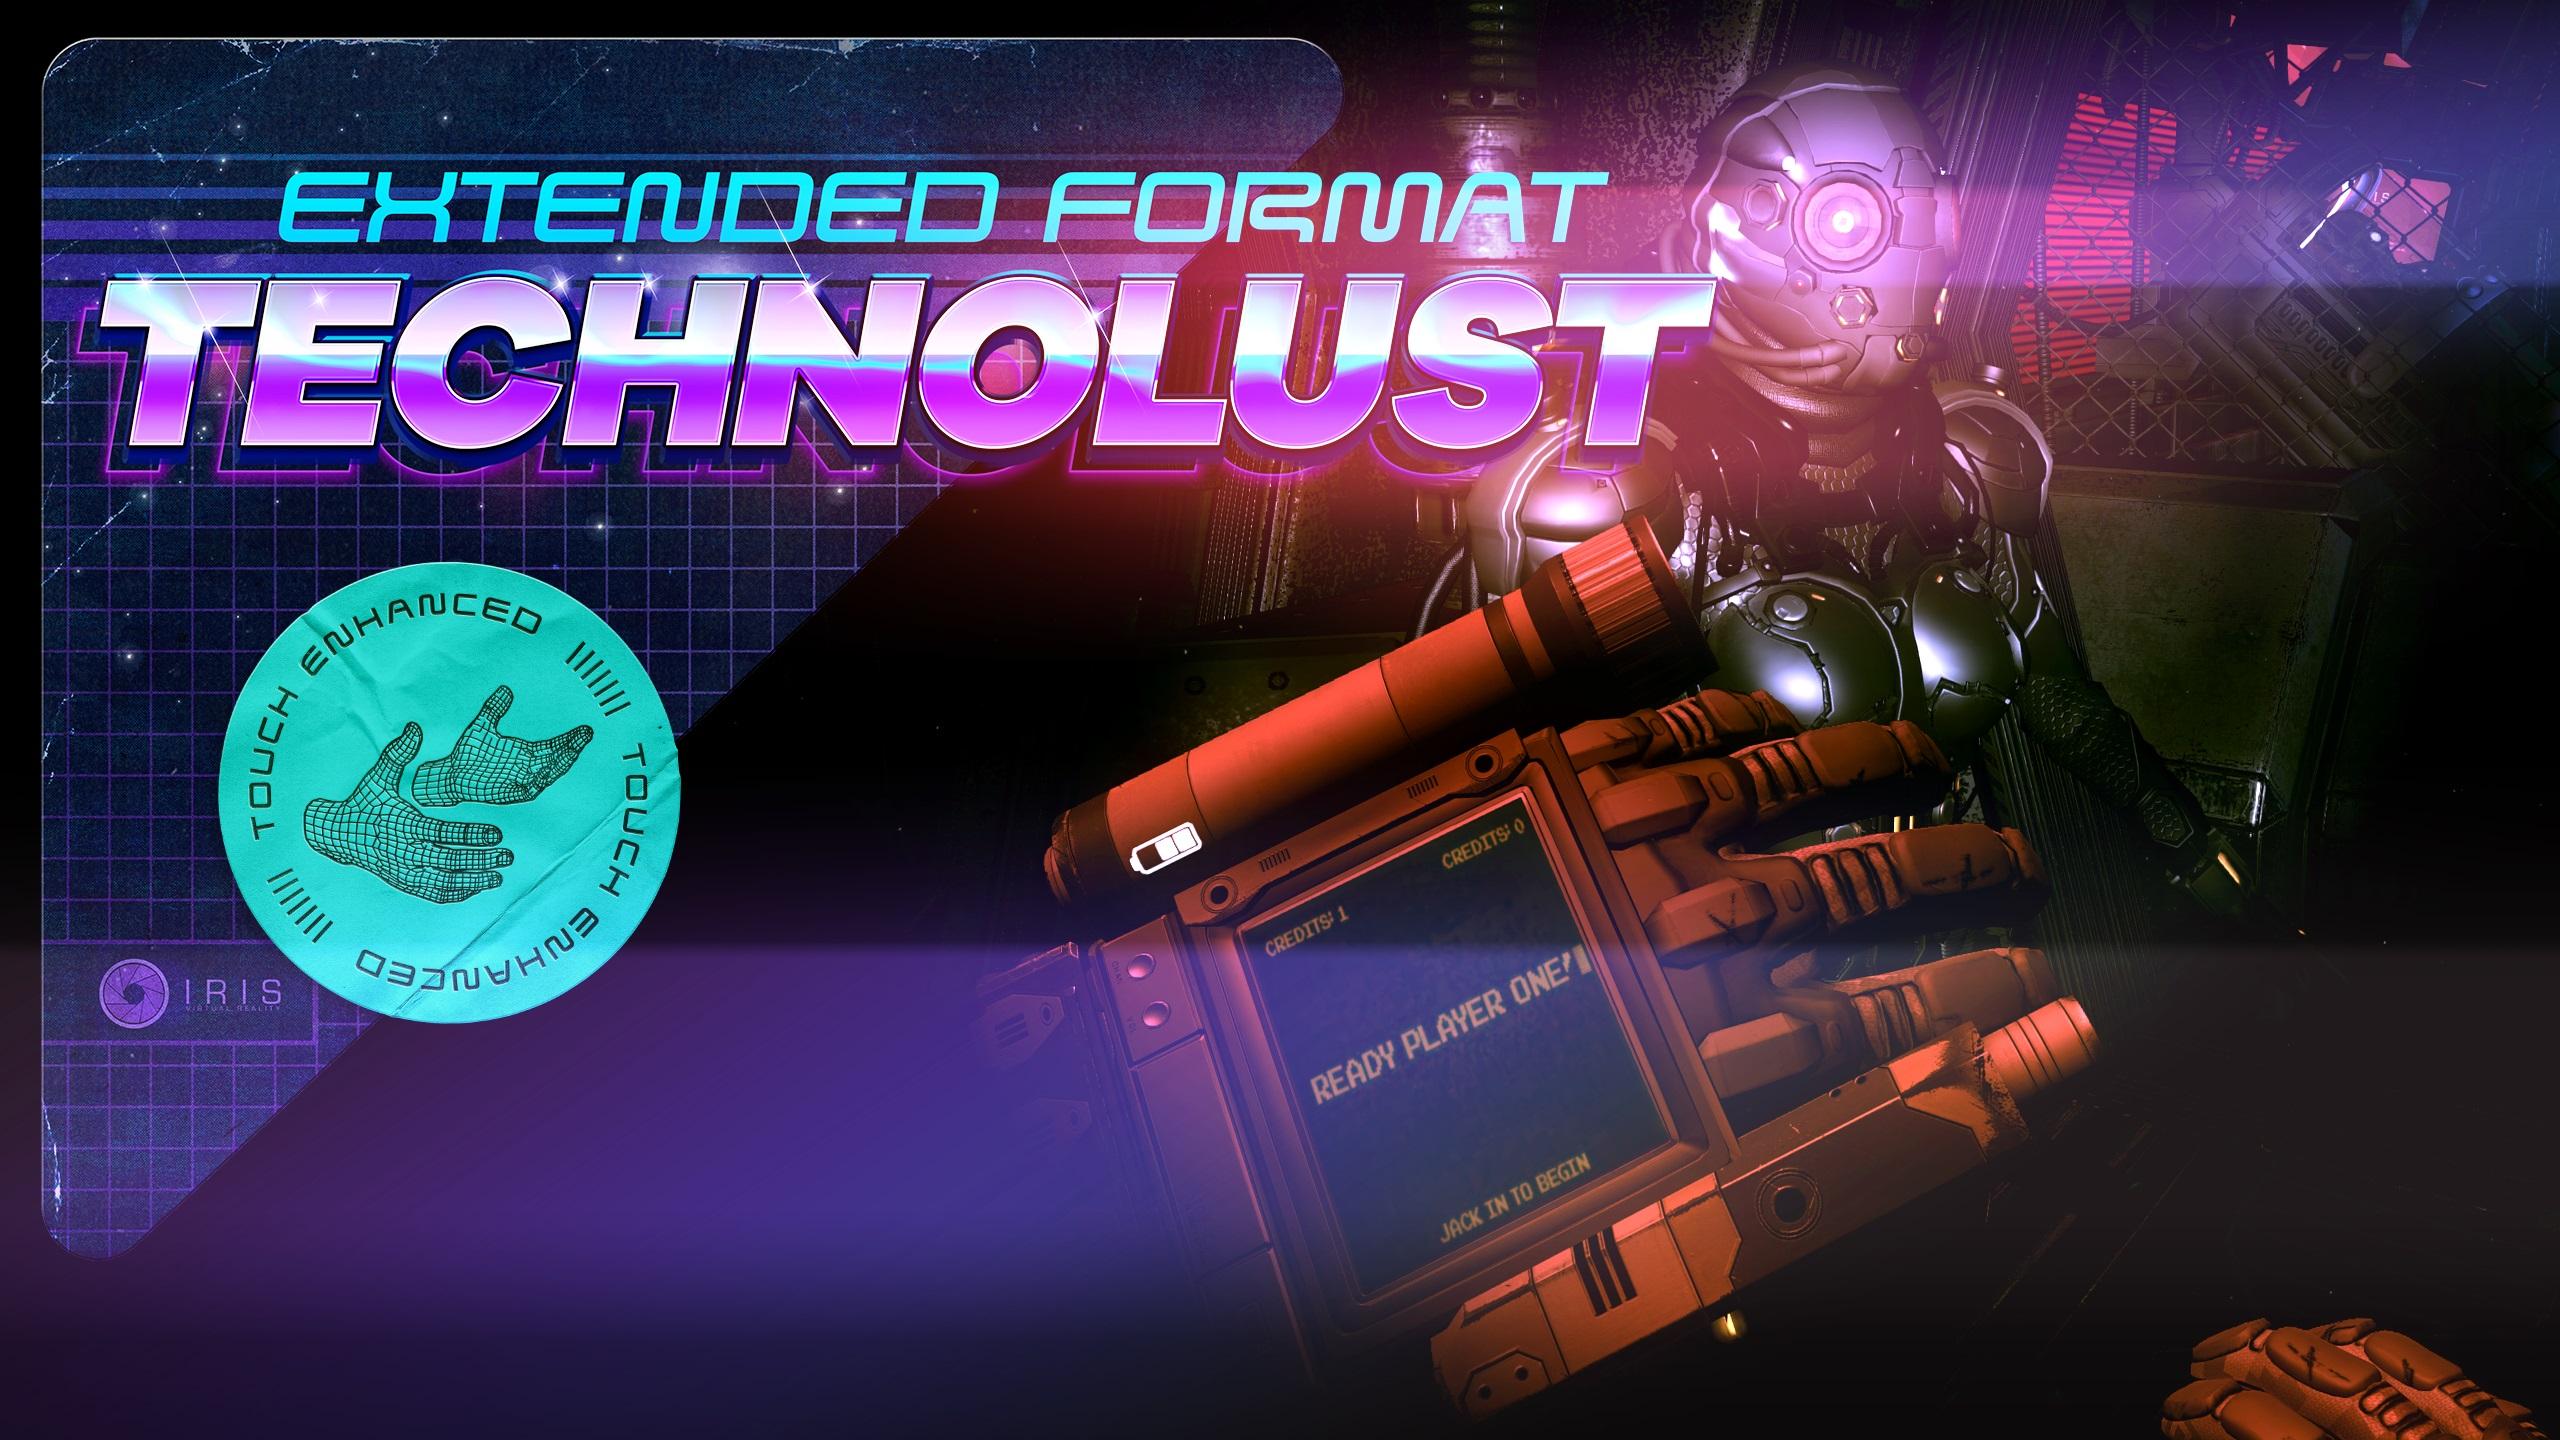 Technolust & Technolust Extended Format